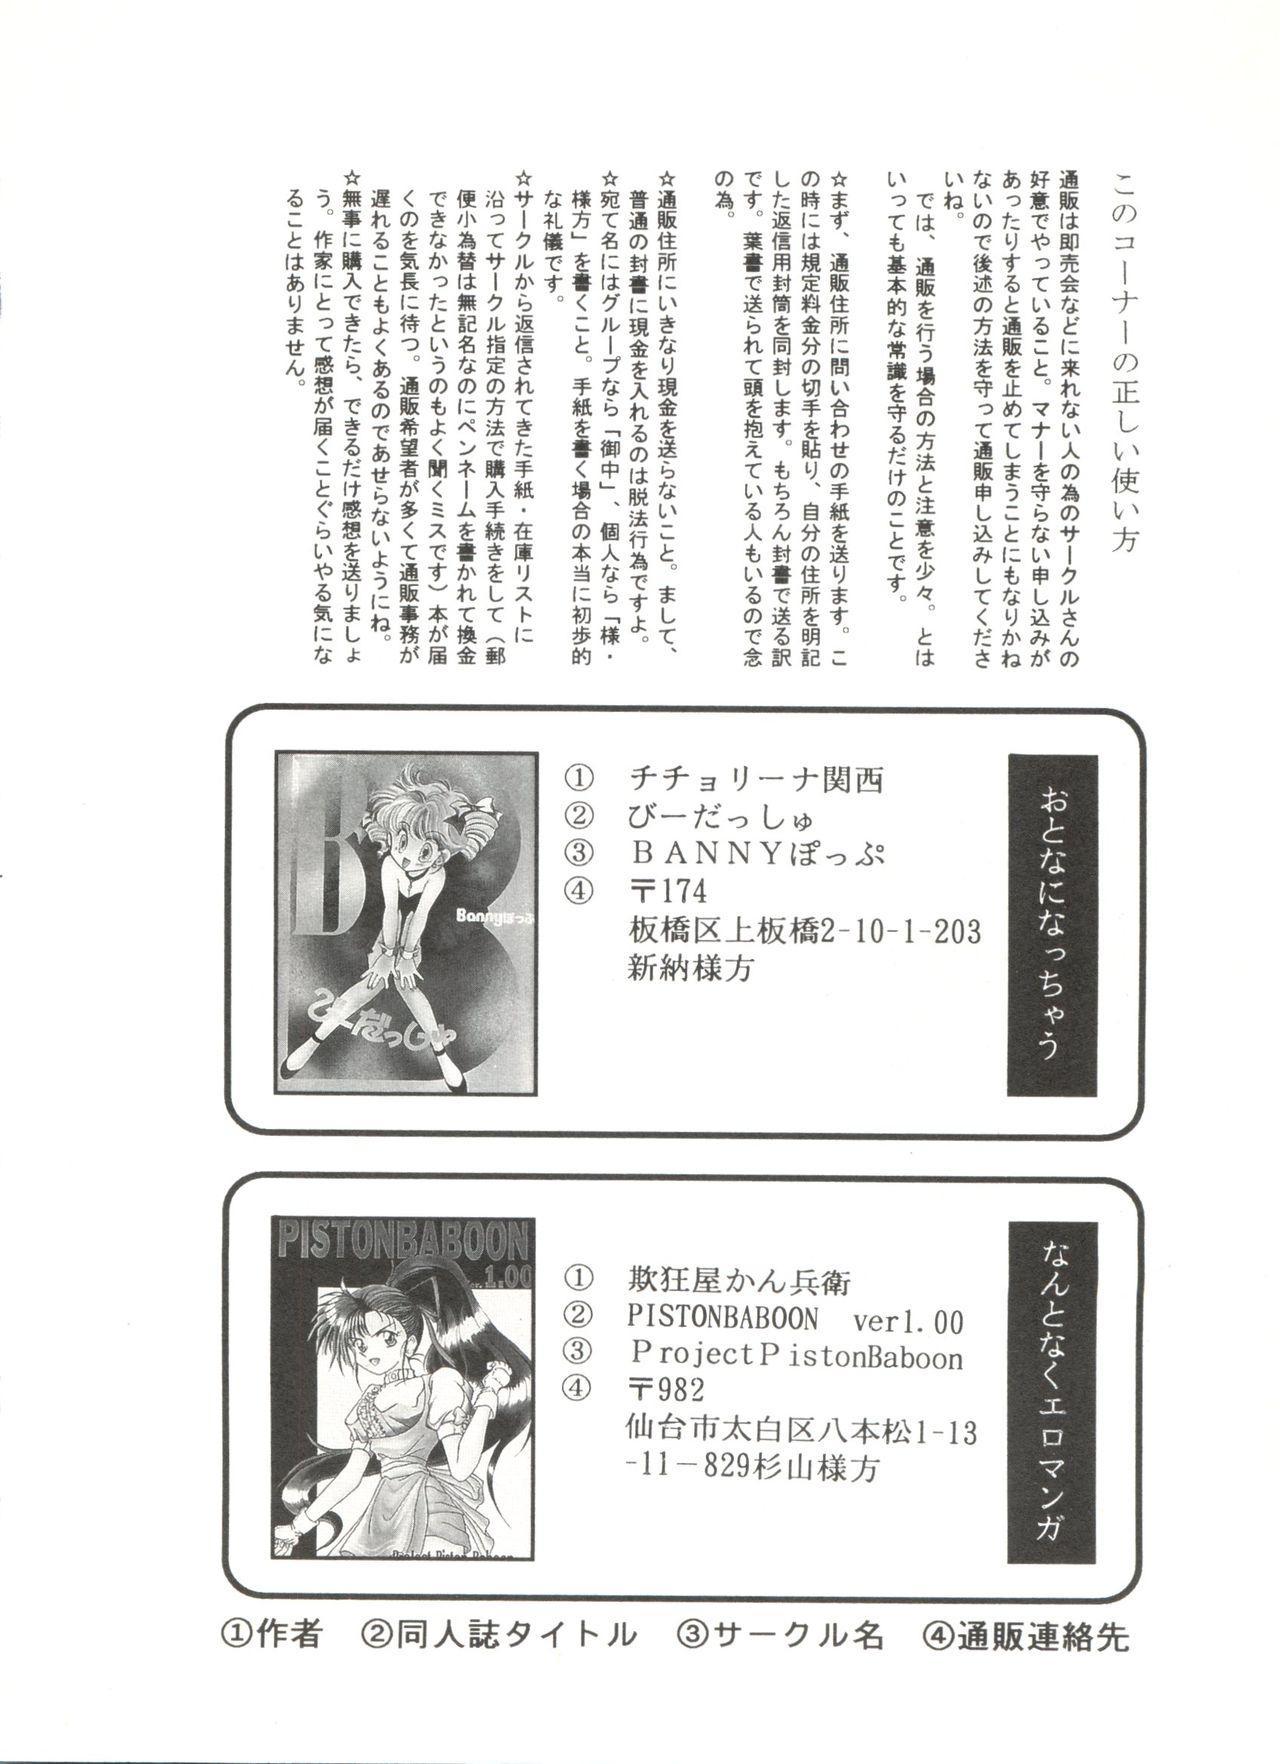 Bishoujo Doujinshi Anthology 6 141